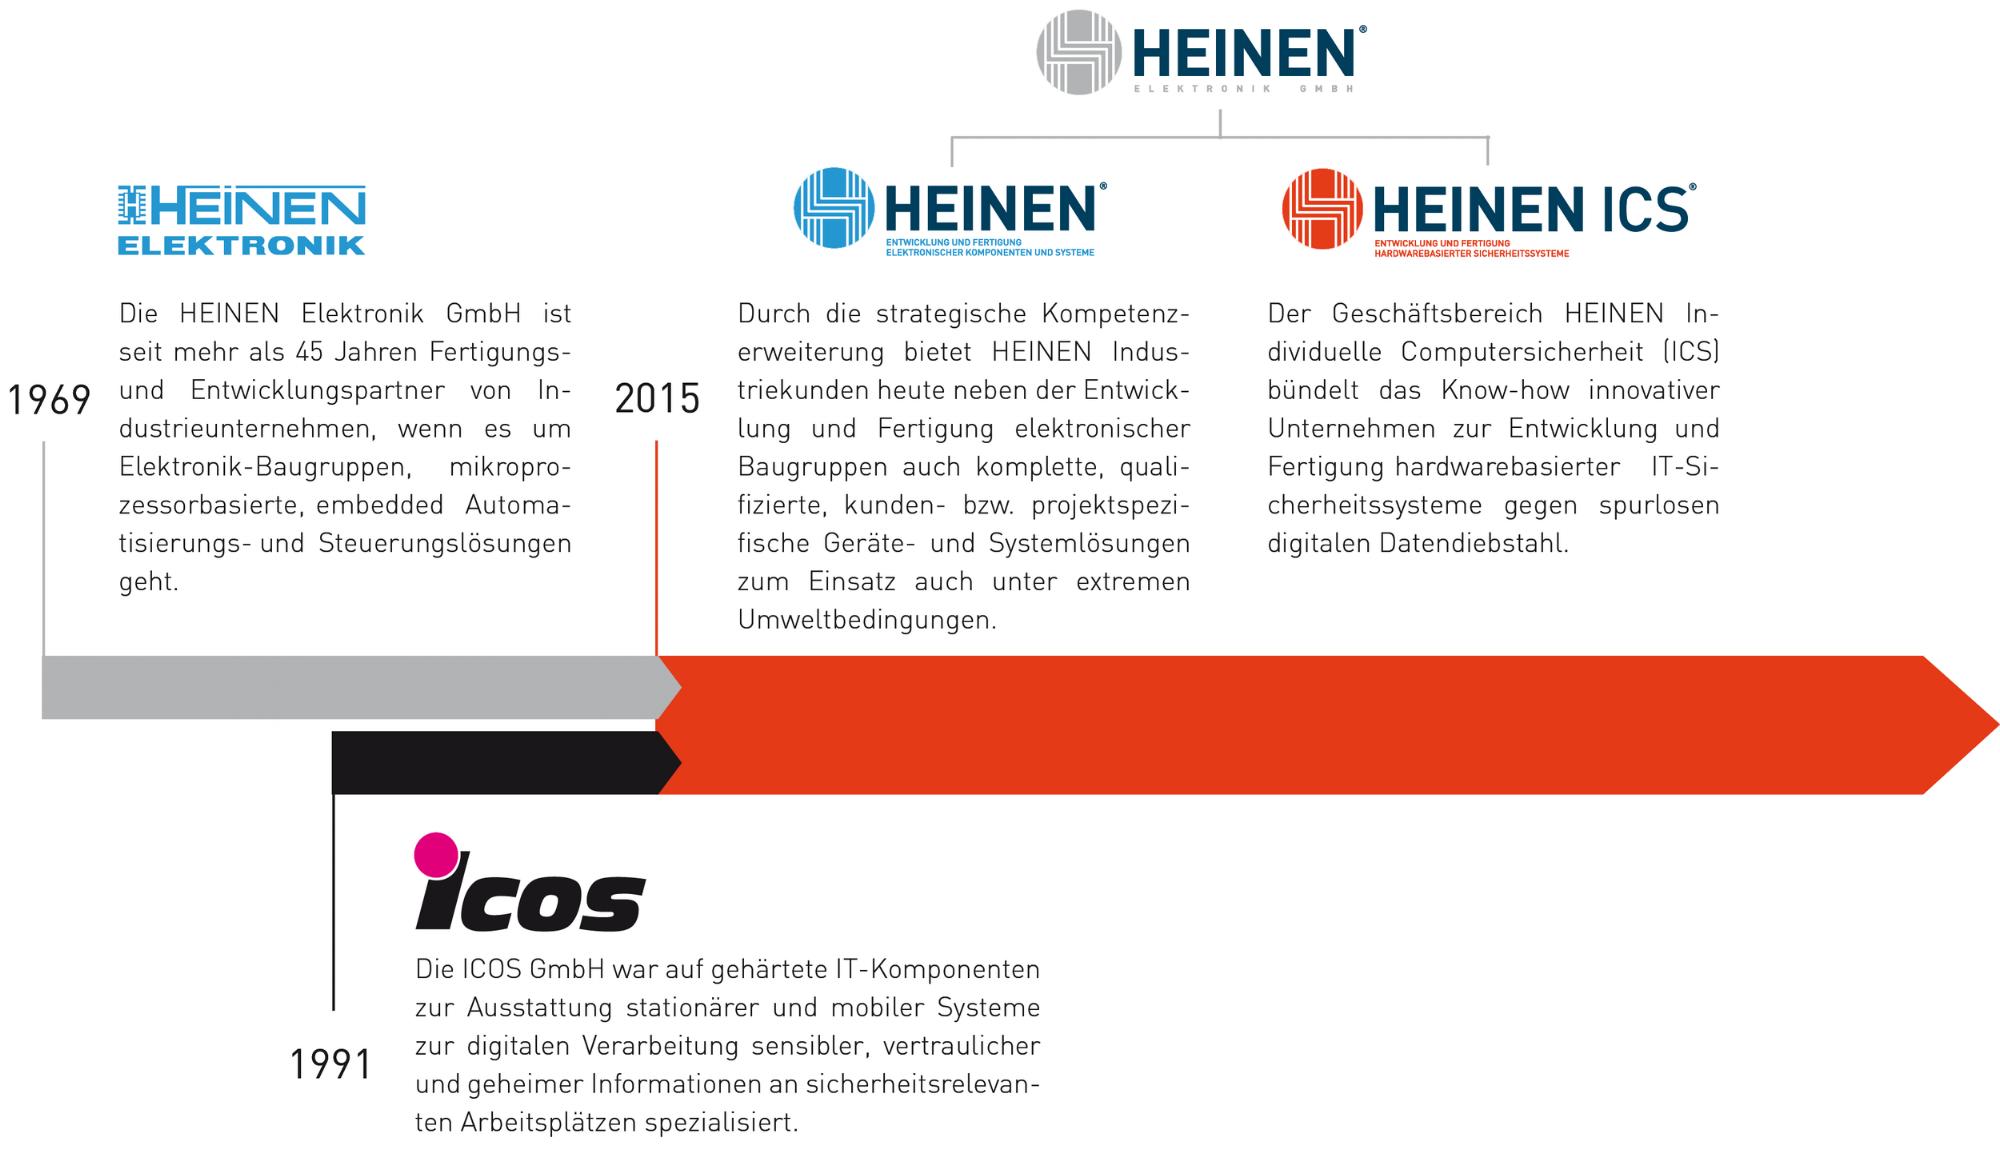 aus ICOS wurde Heinen ICS